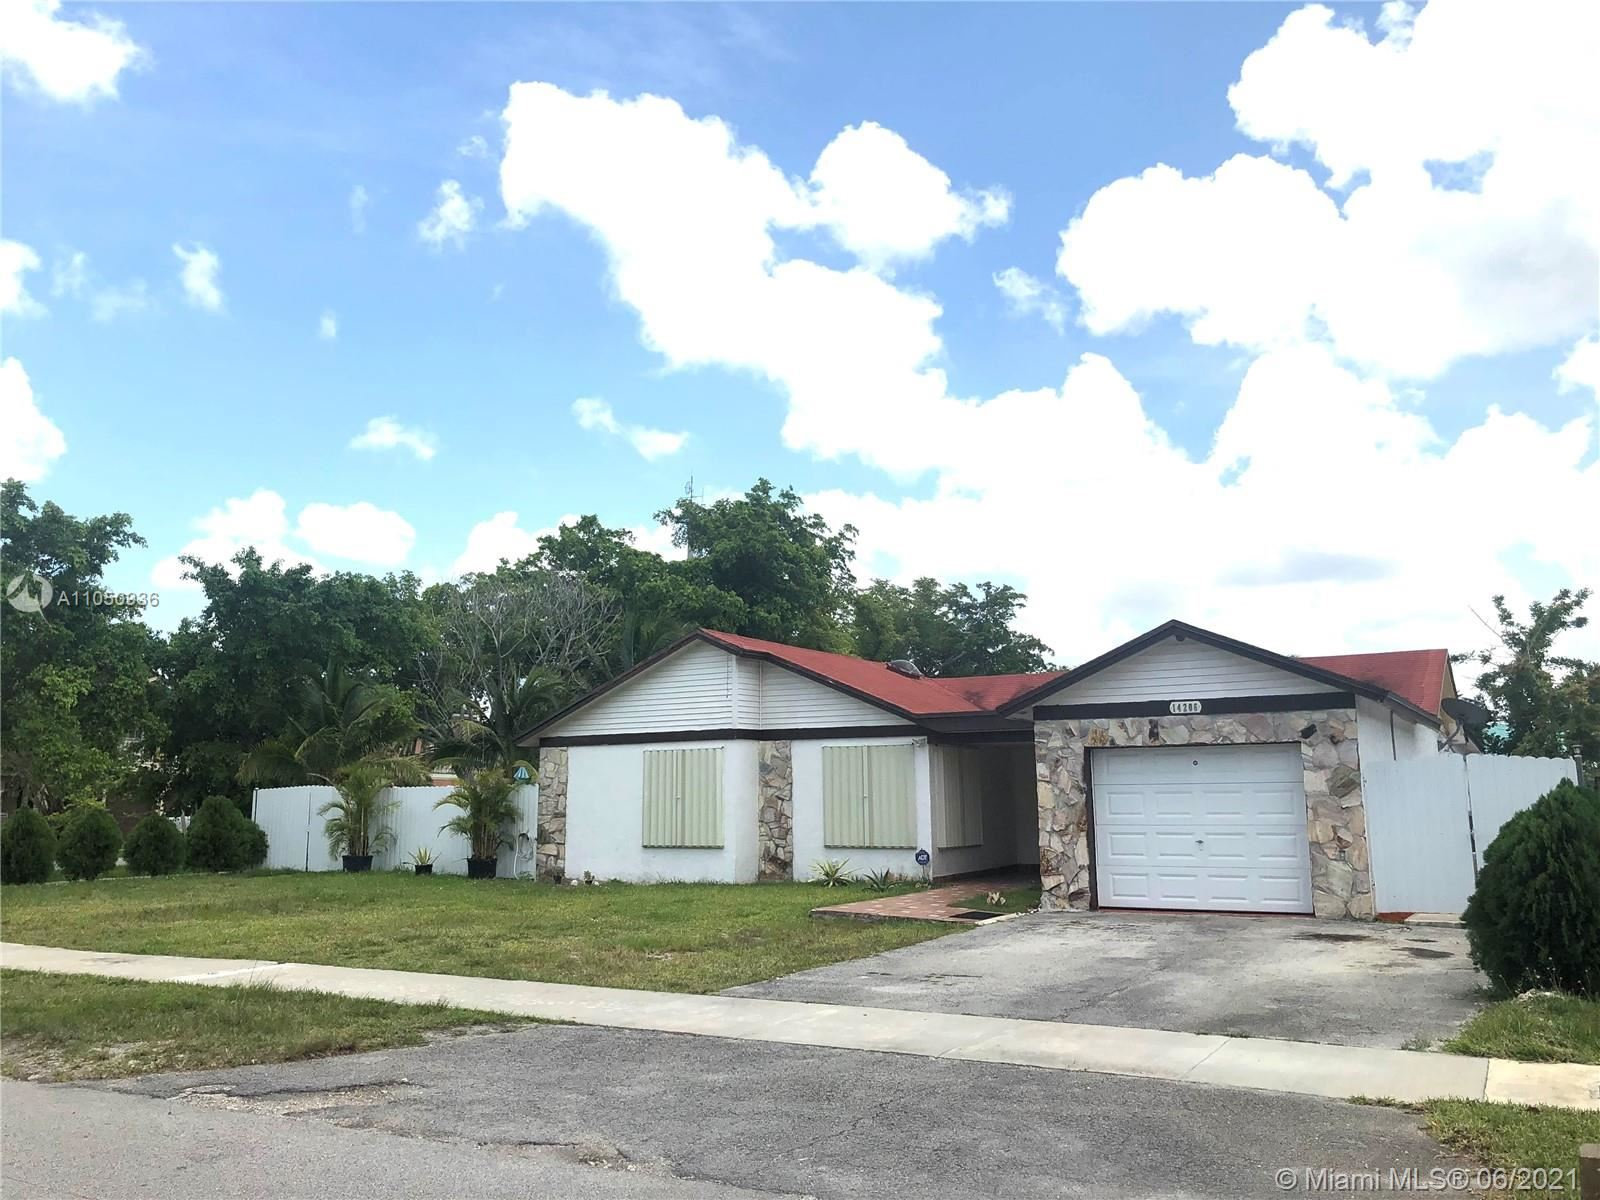 14206 SW 154th St, Miami, FL 33177 - #: A11050936